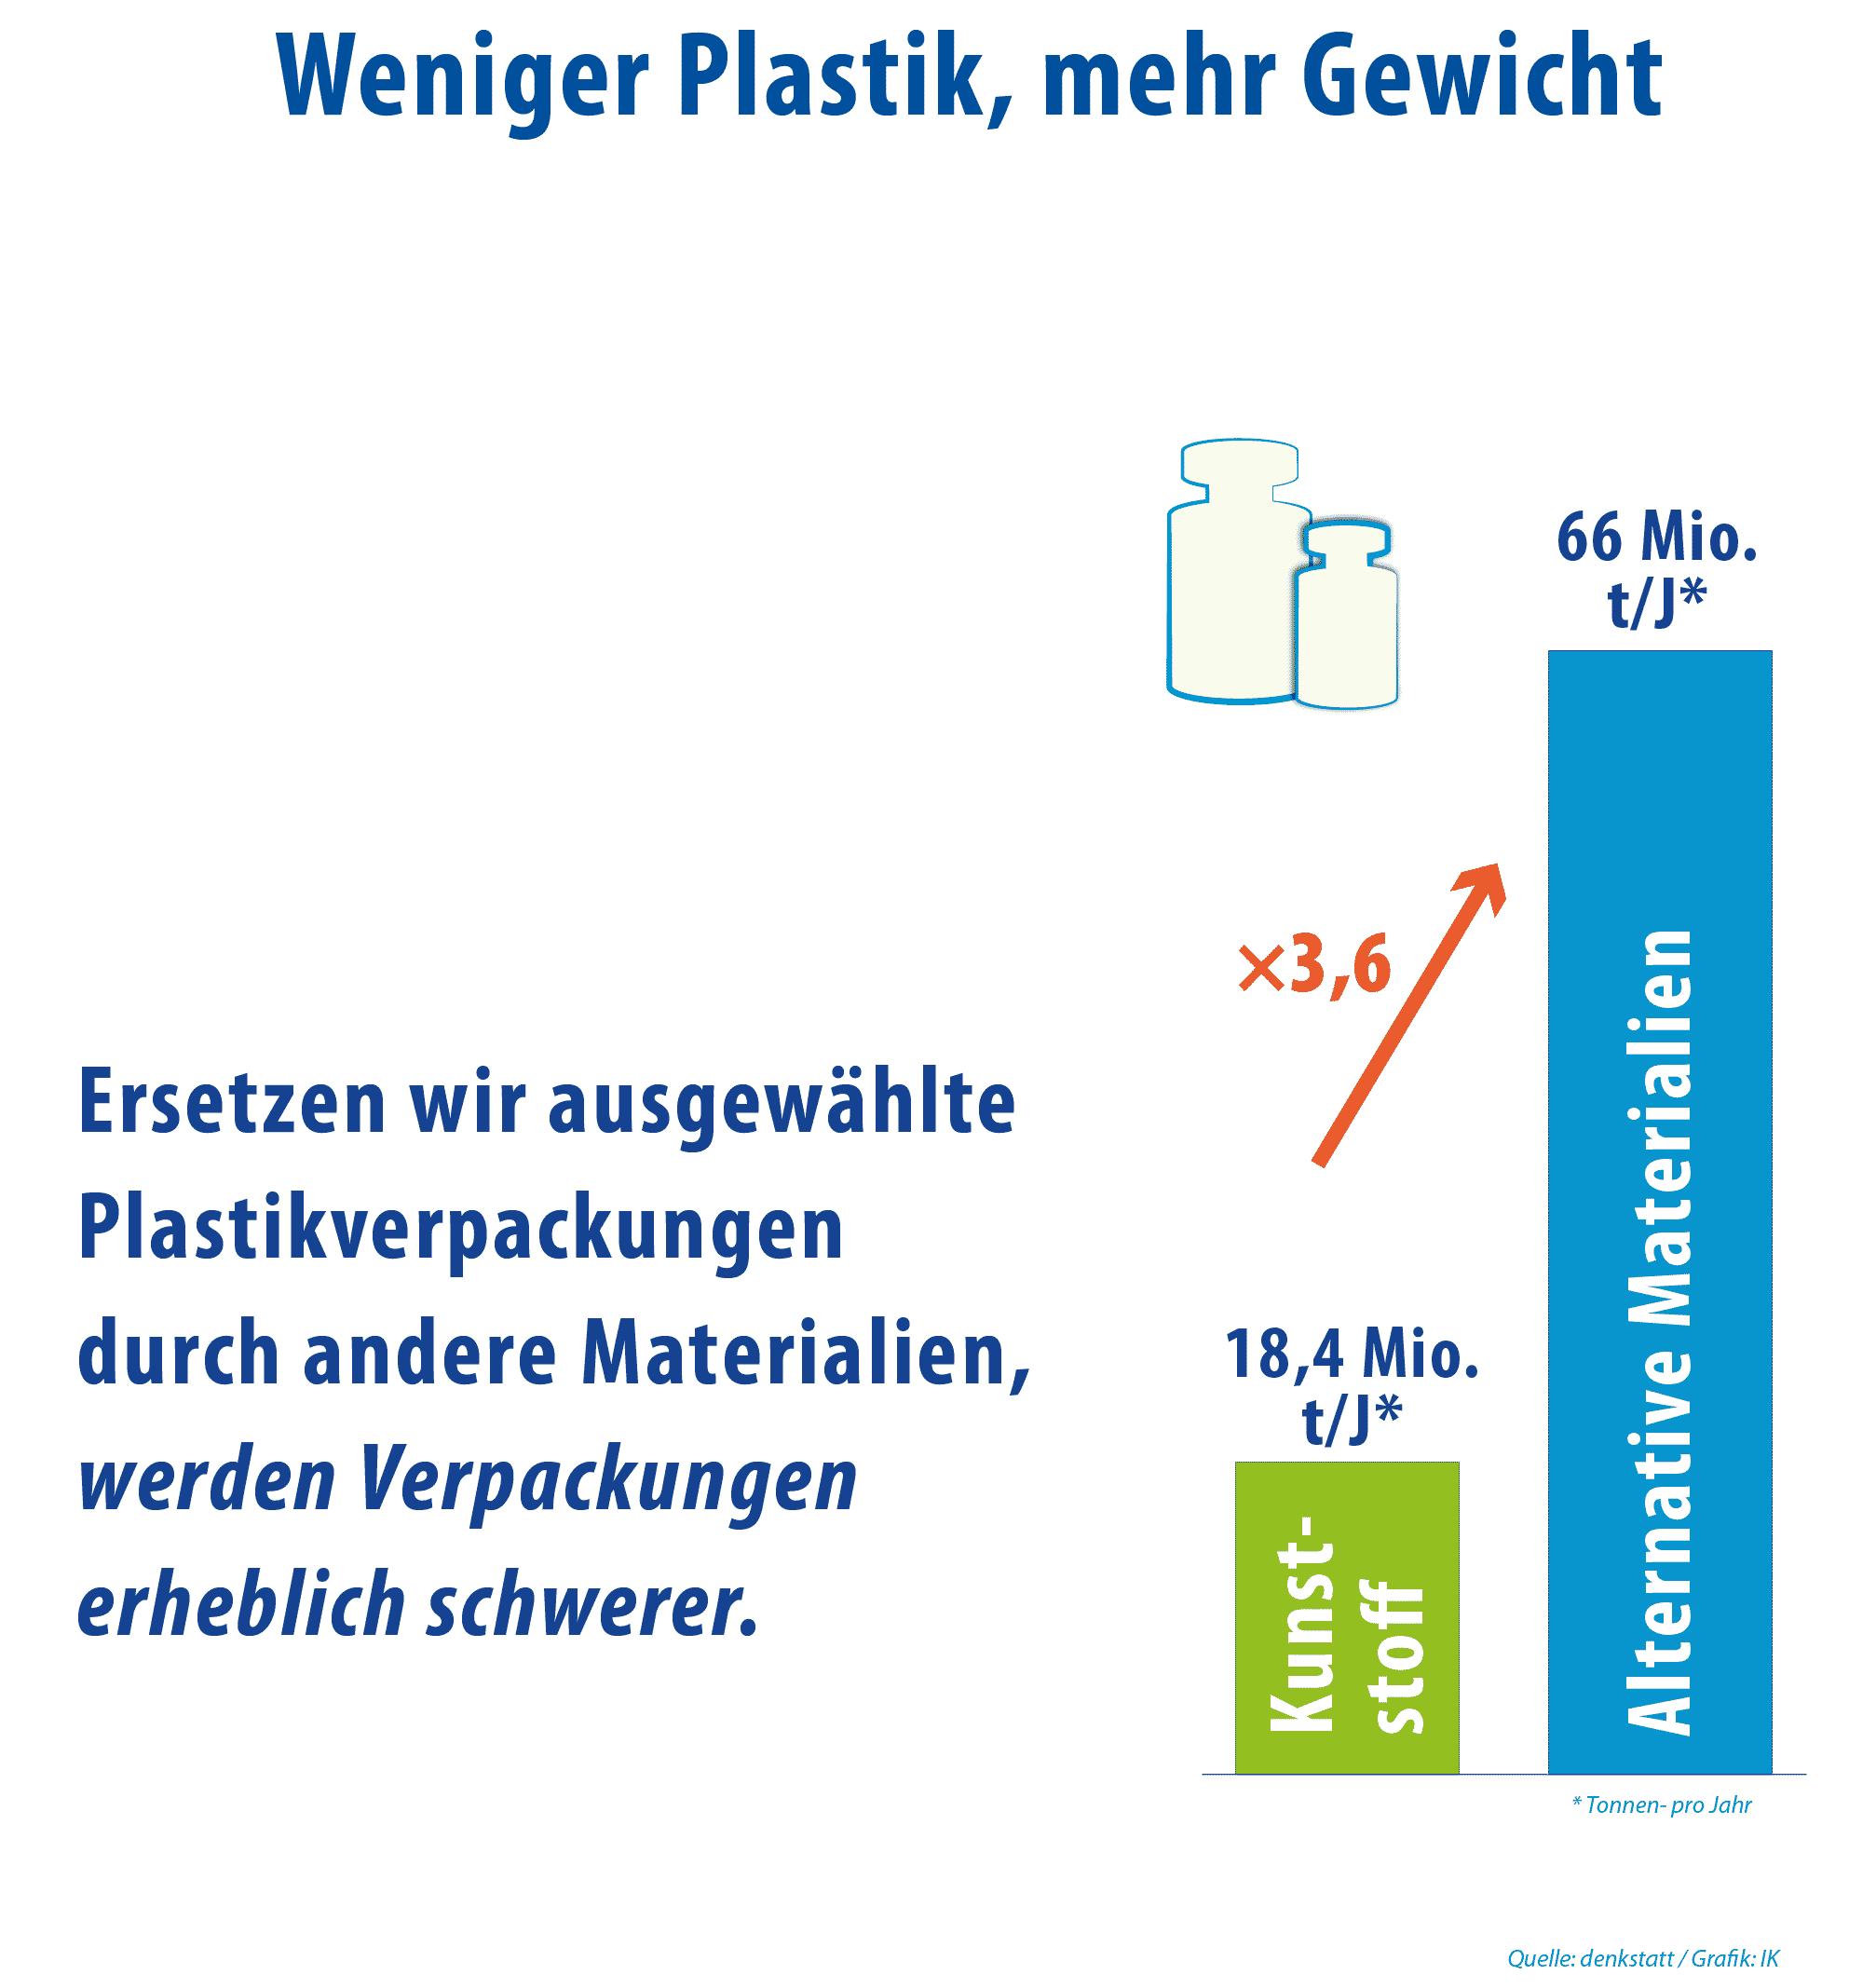 Kunststoff Umweltbelastung Vs Andere Materialien Gewicht 03 Beschnitten